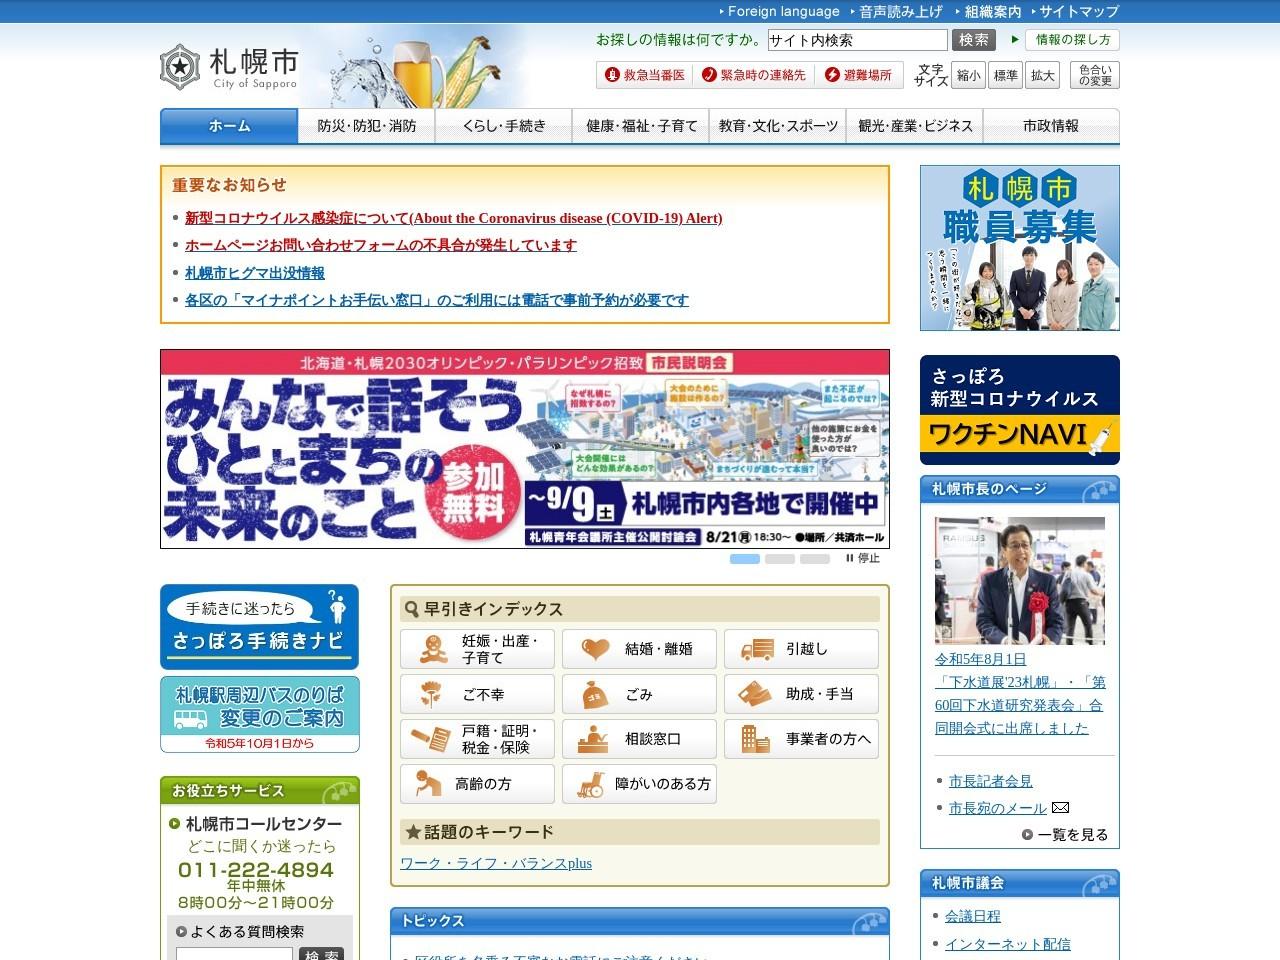 http://www.city.sapporo.jp/minami/kenkou/shousai/healthy/h30-613healthy.html